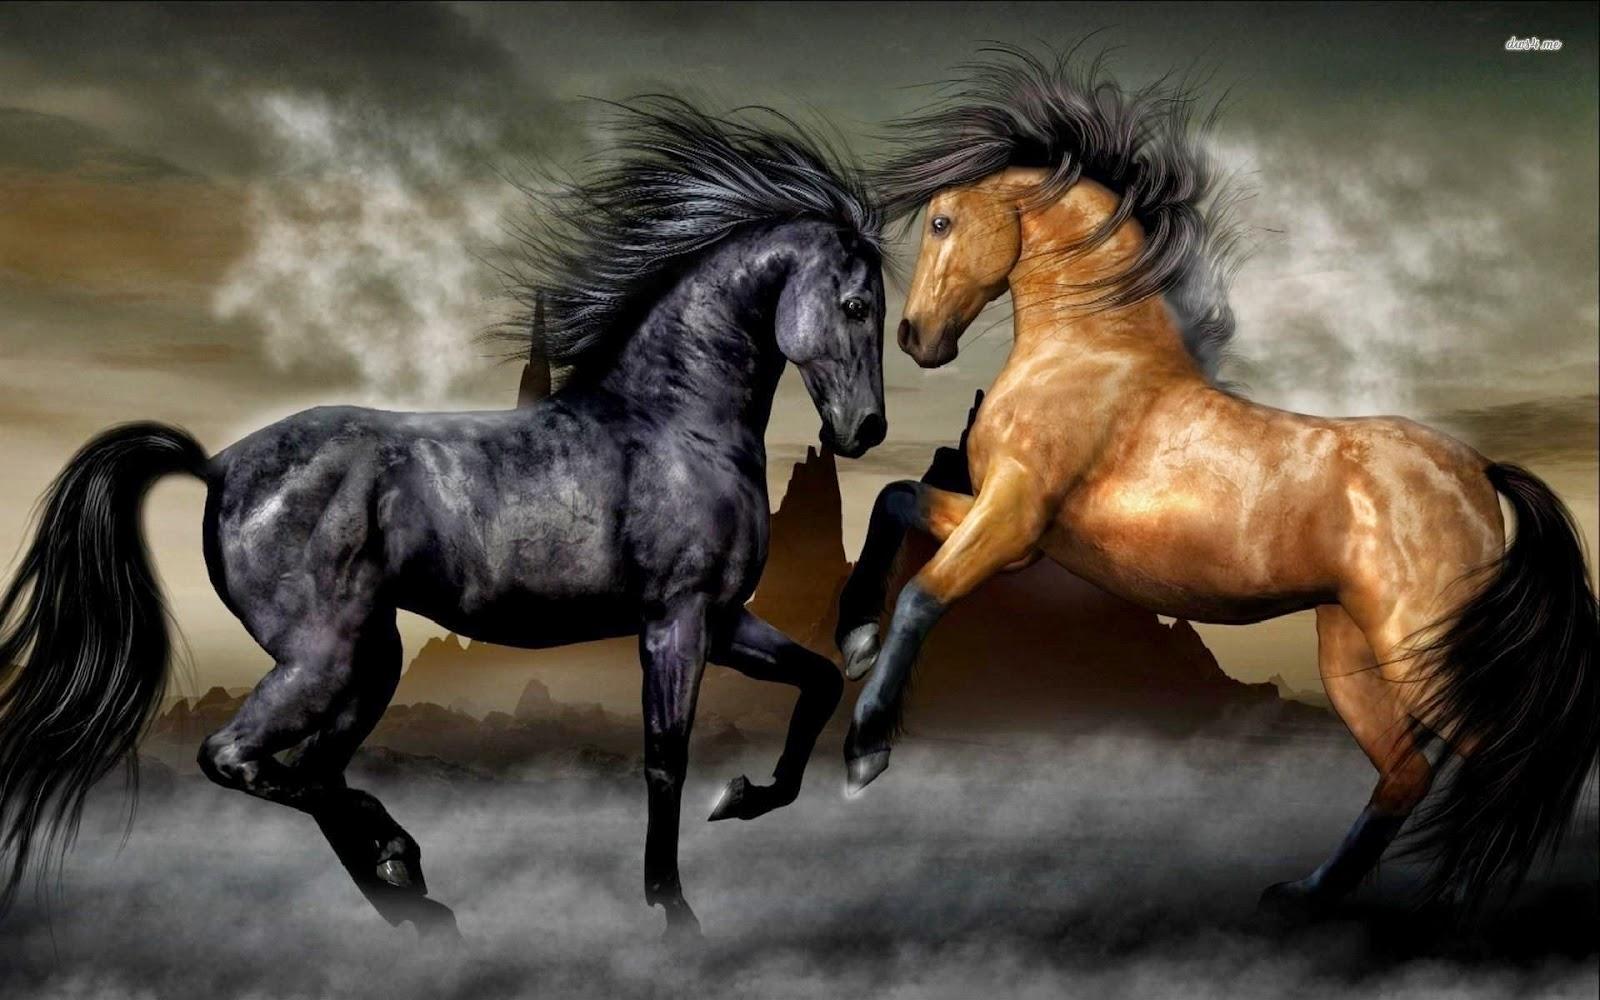 Lindas Gifs E Imagens Cavalos Wallpapers Em Hd